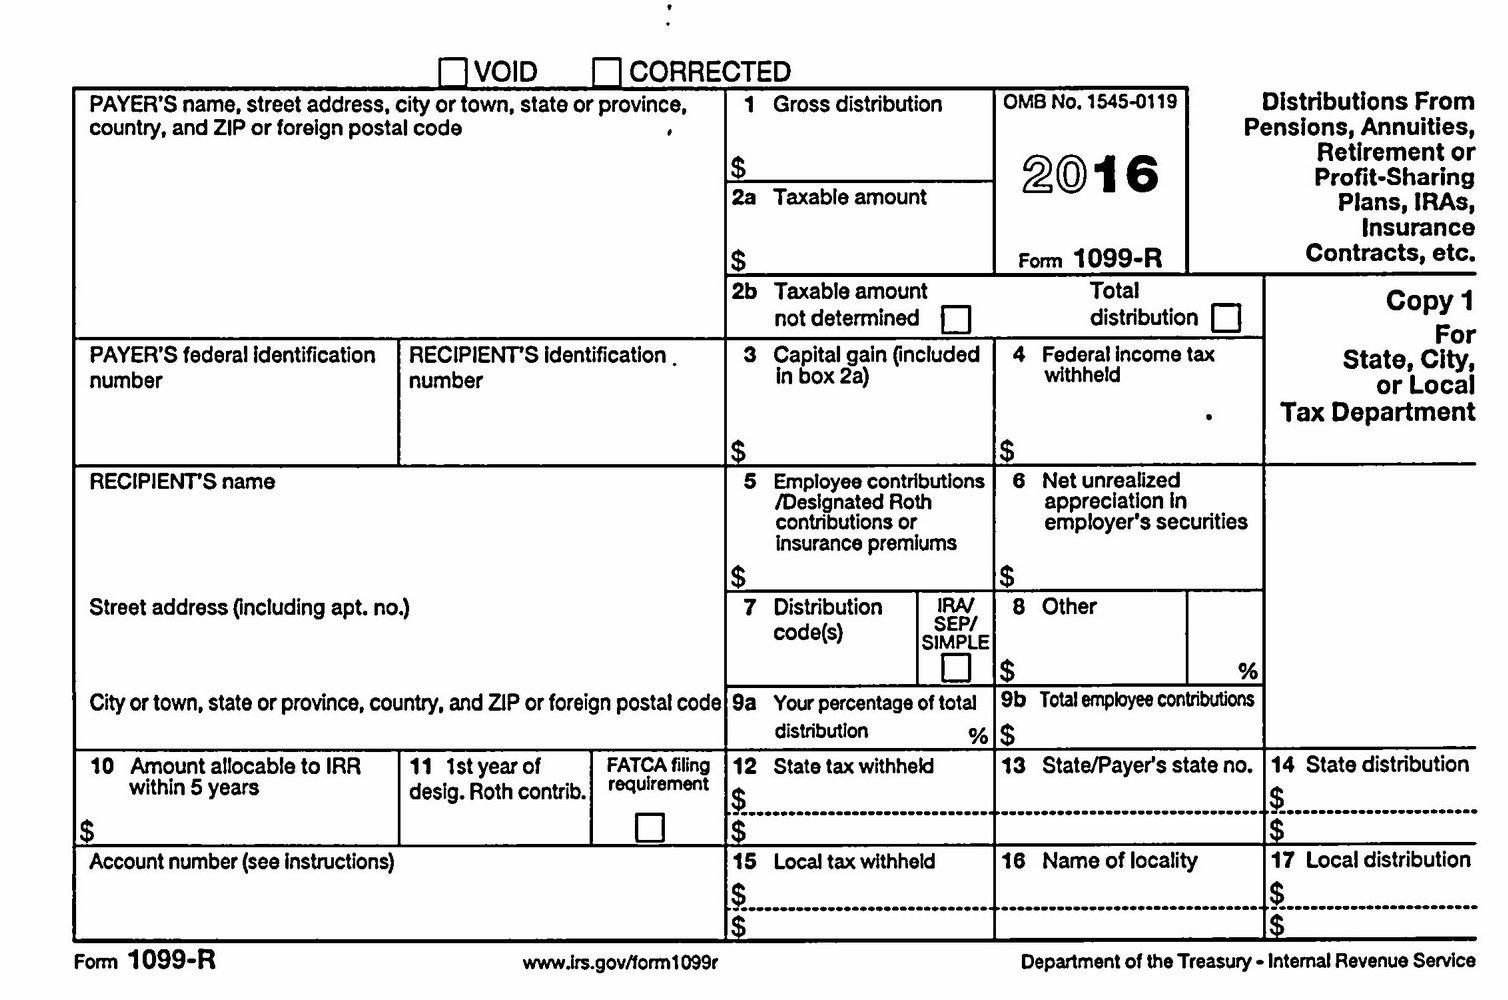 Printable 1099 Tax Form 2016